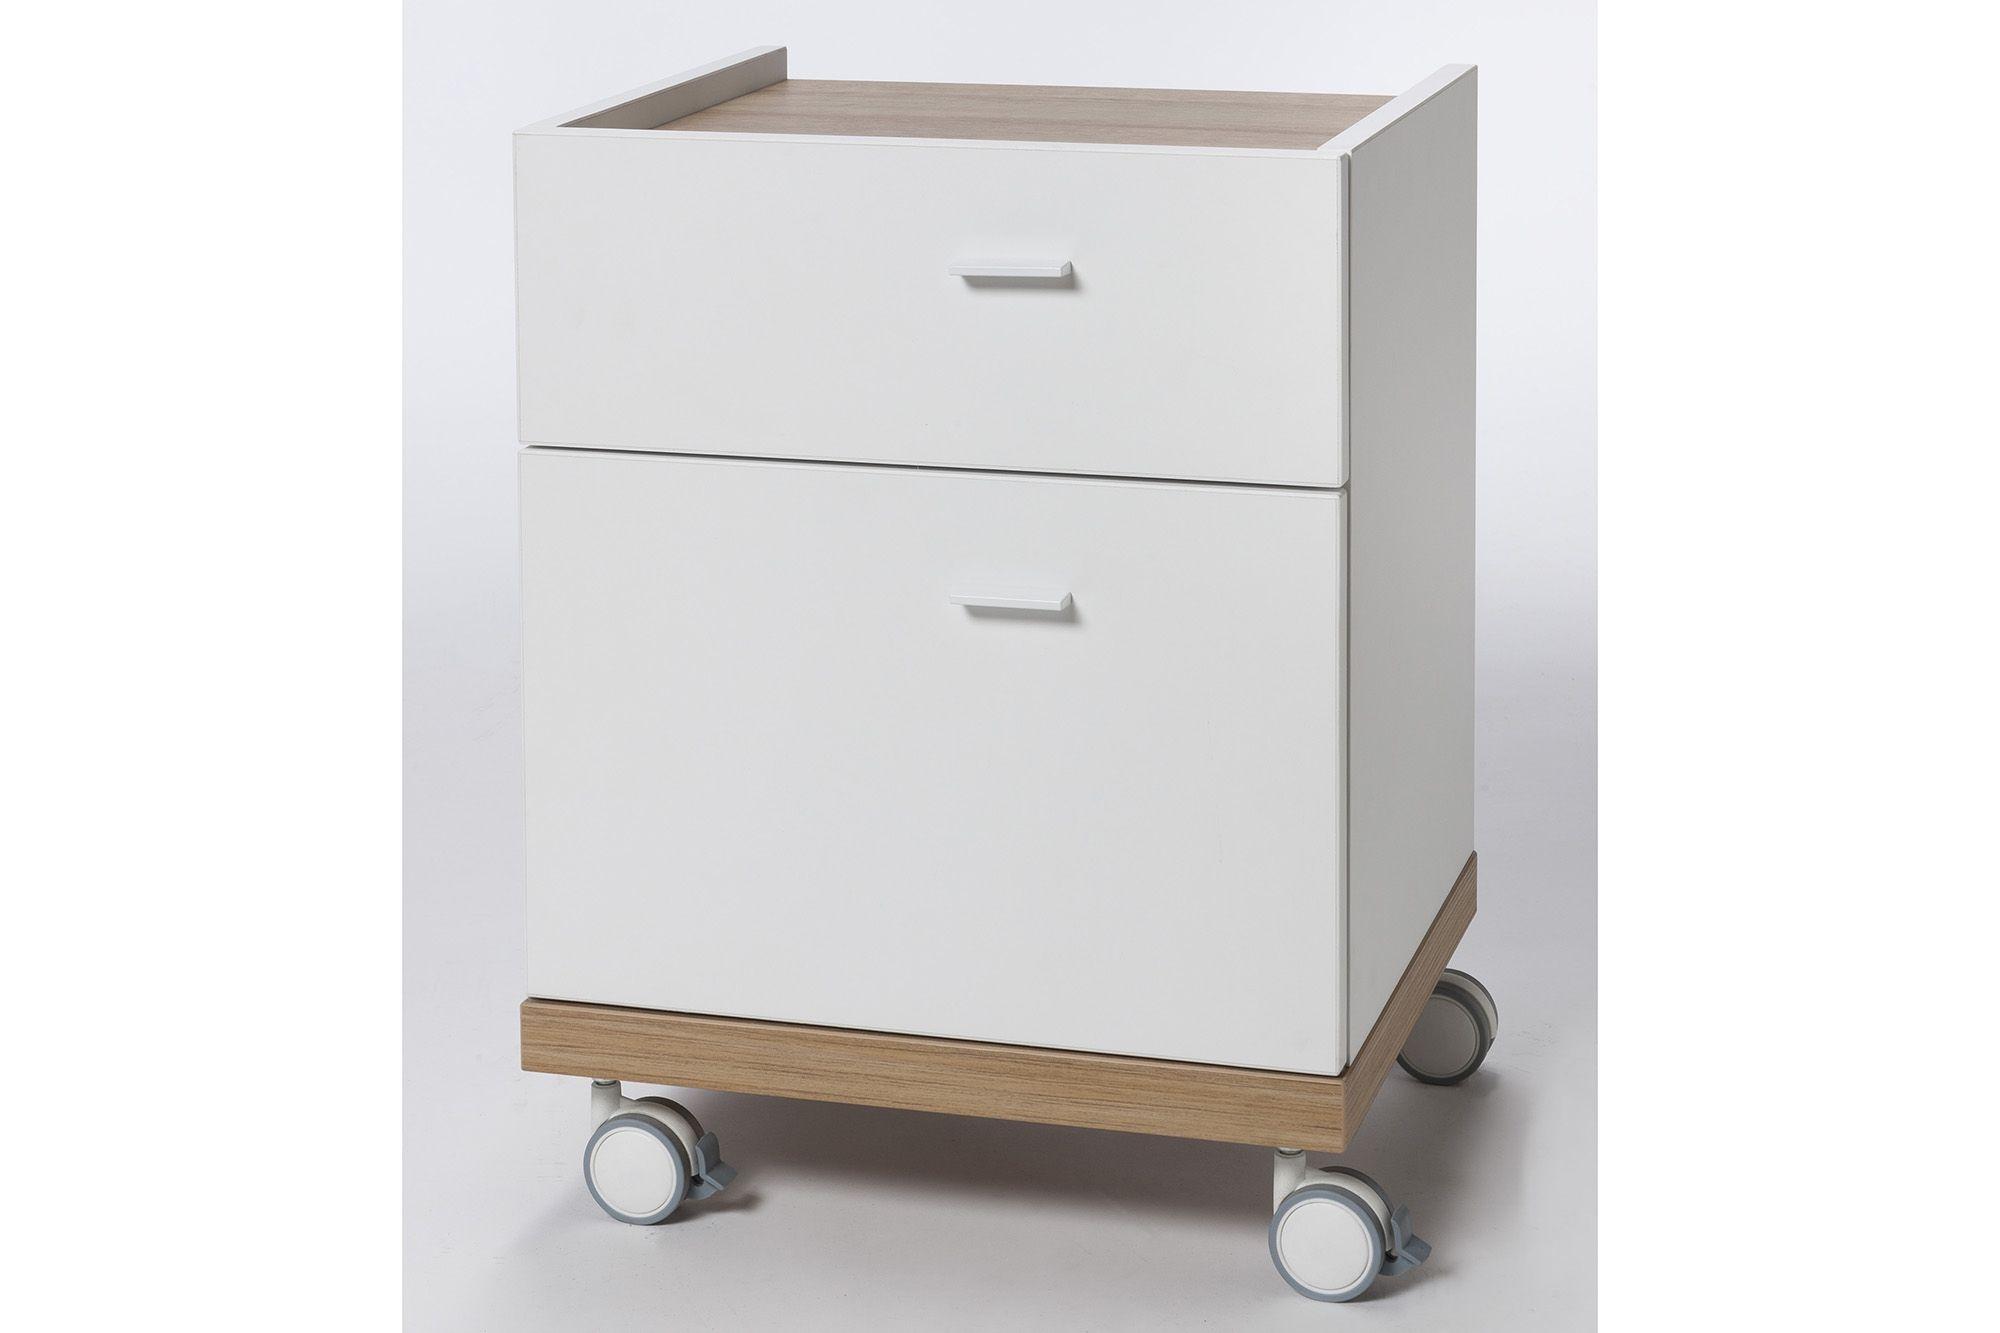 Ufficio Legno Bianco : 00774461 comodino ludo nuovarredo.it #wood #white #legno #bianco